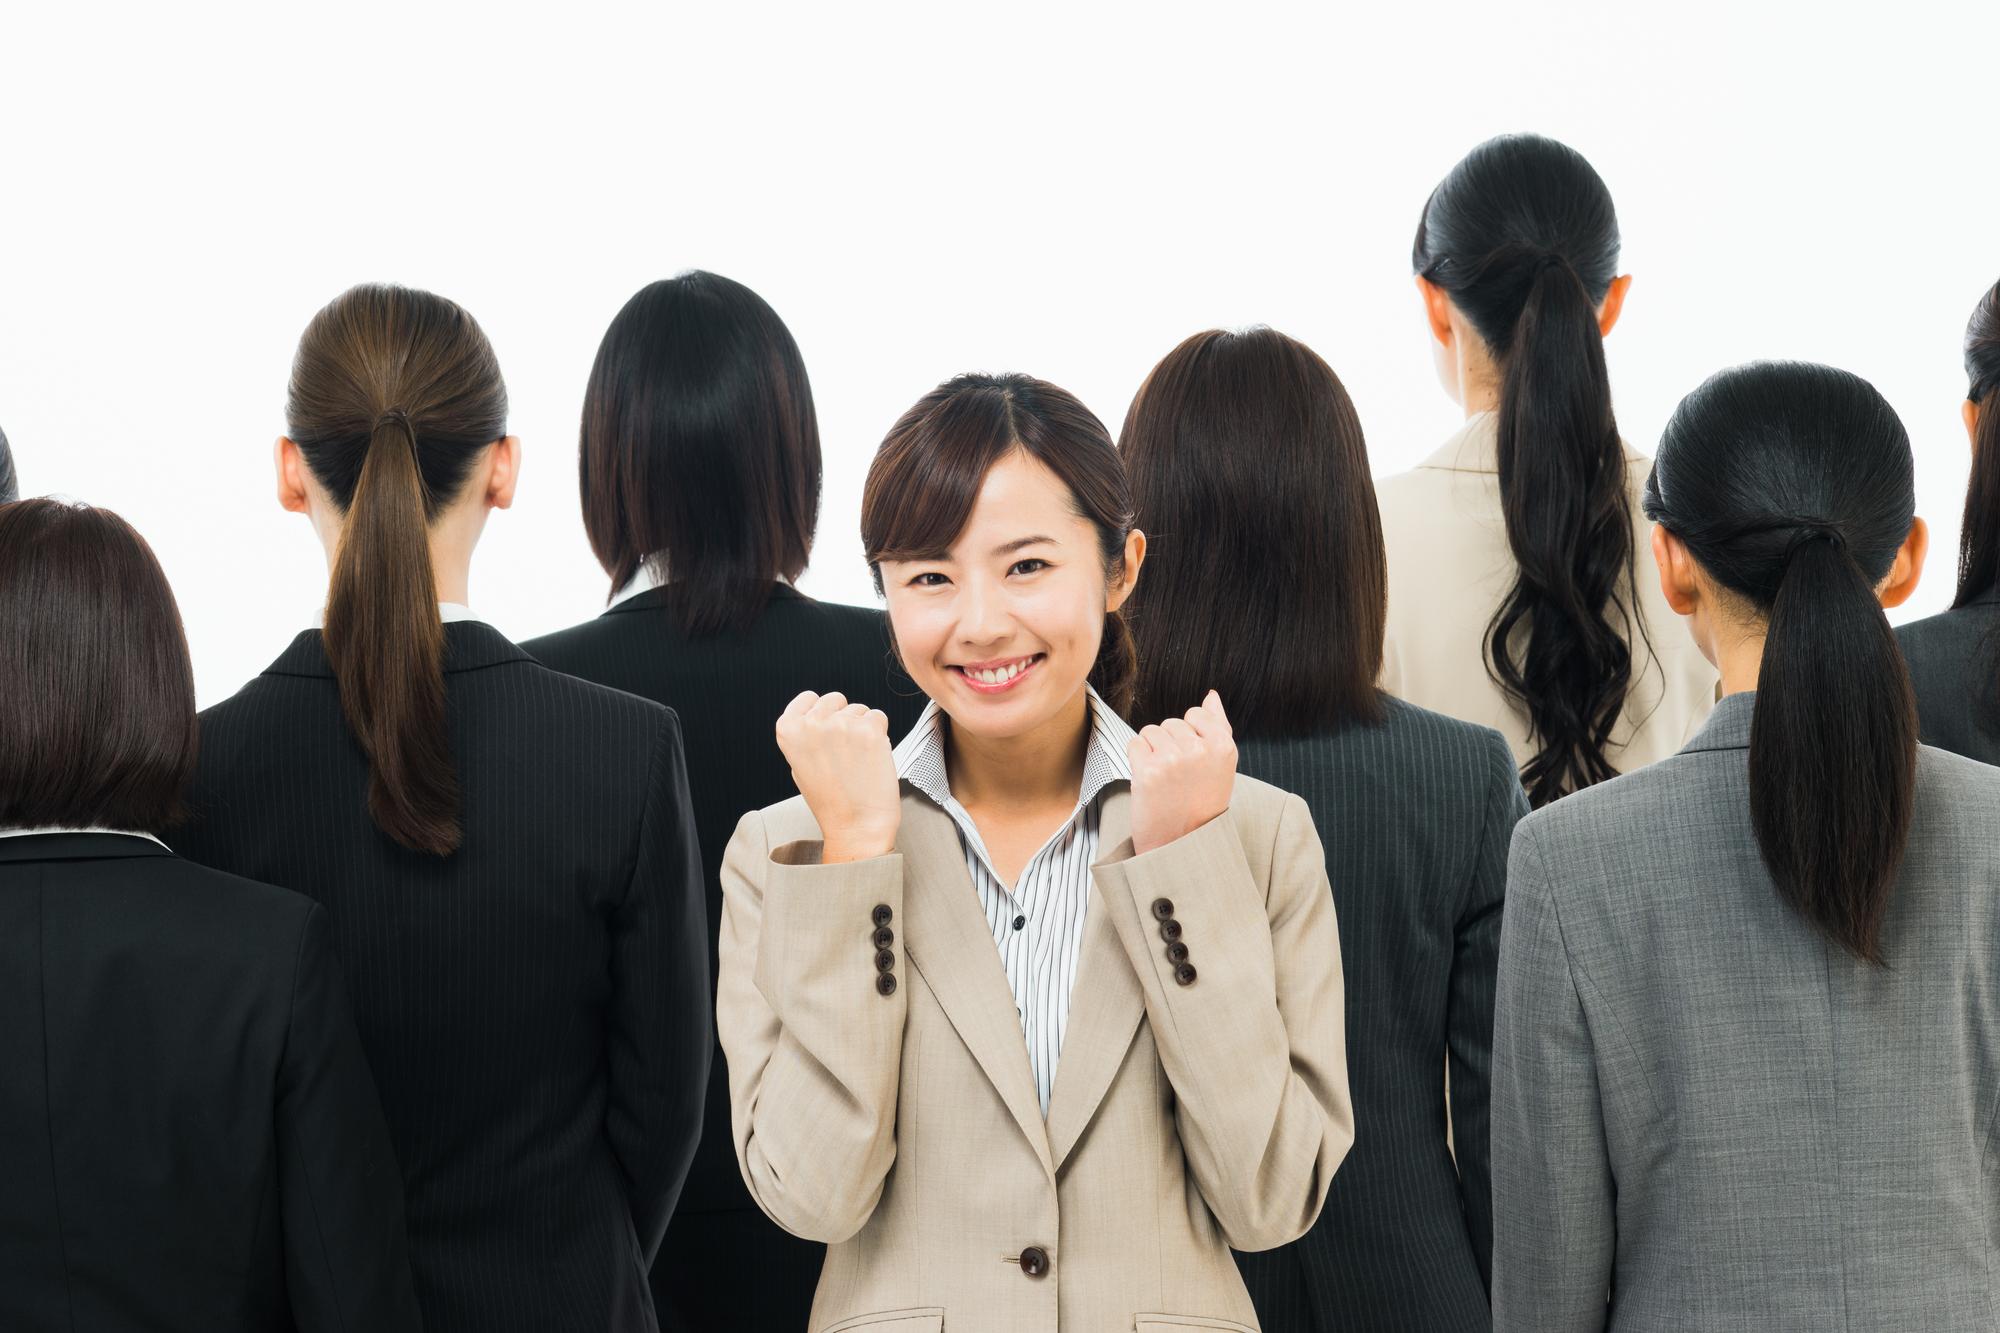 【女性活躍推進】女性が働きやすいIT企業と取り組みの例をご紹介のアイキャッチイメージ